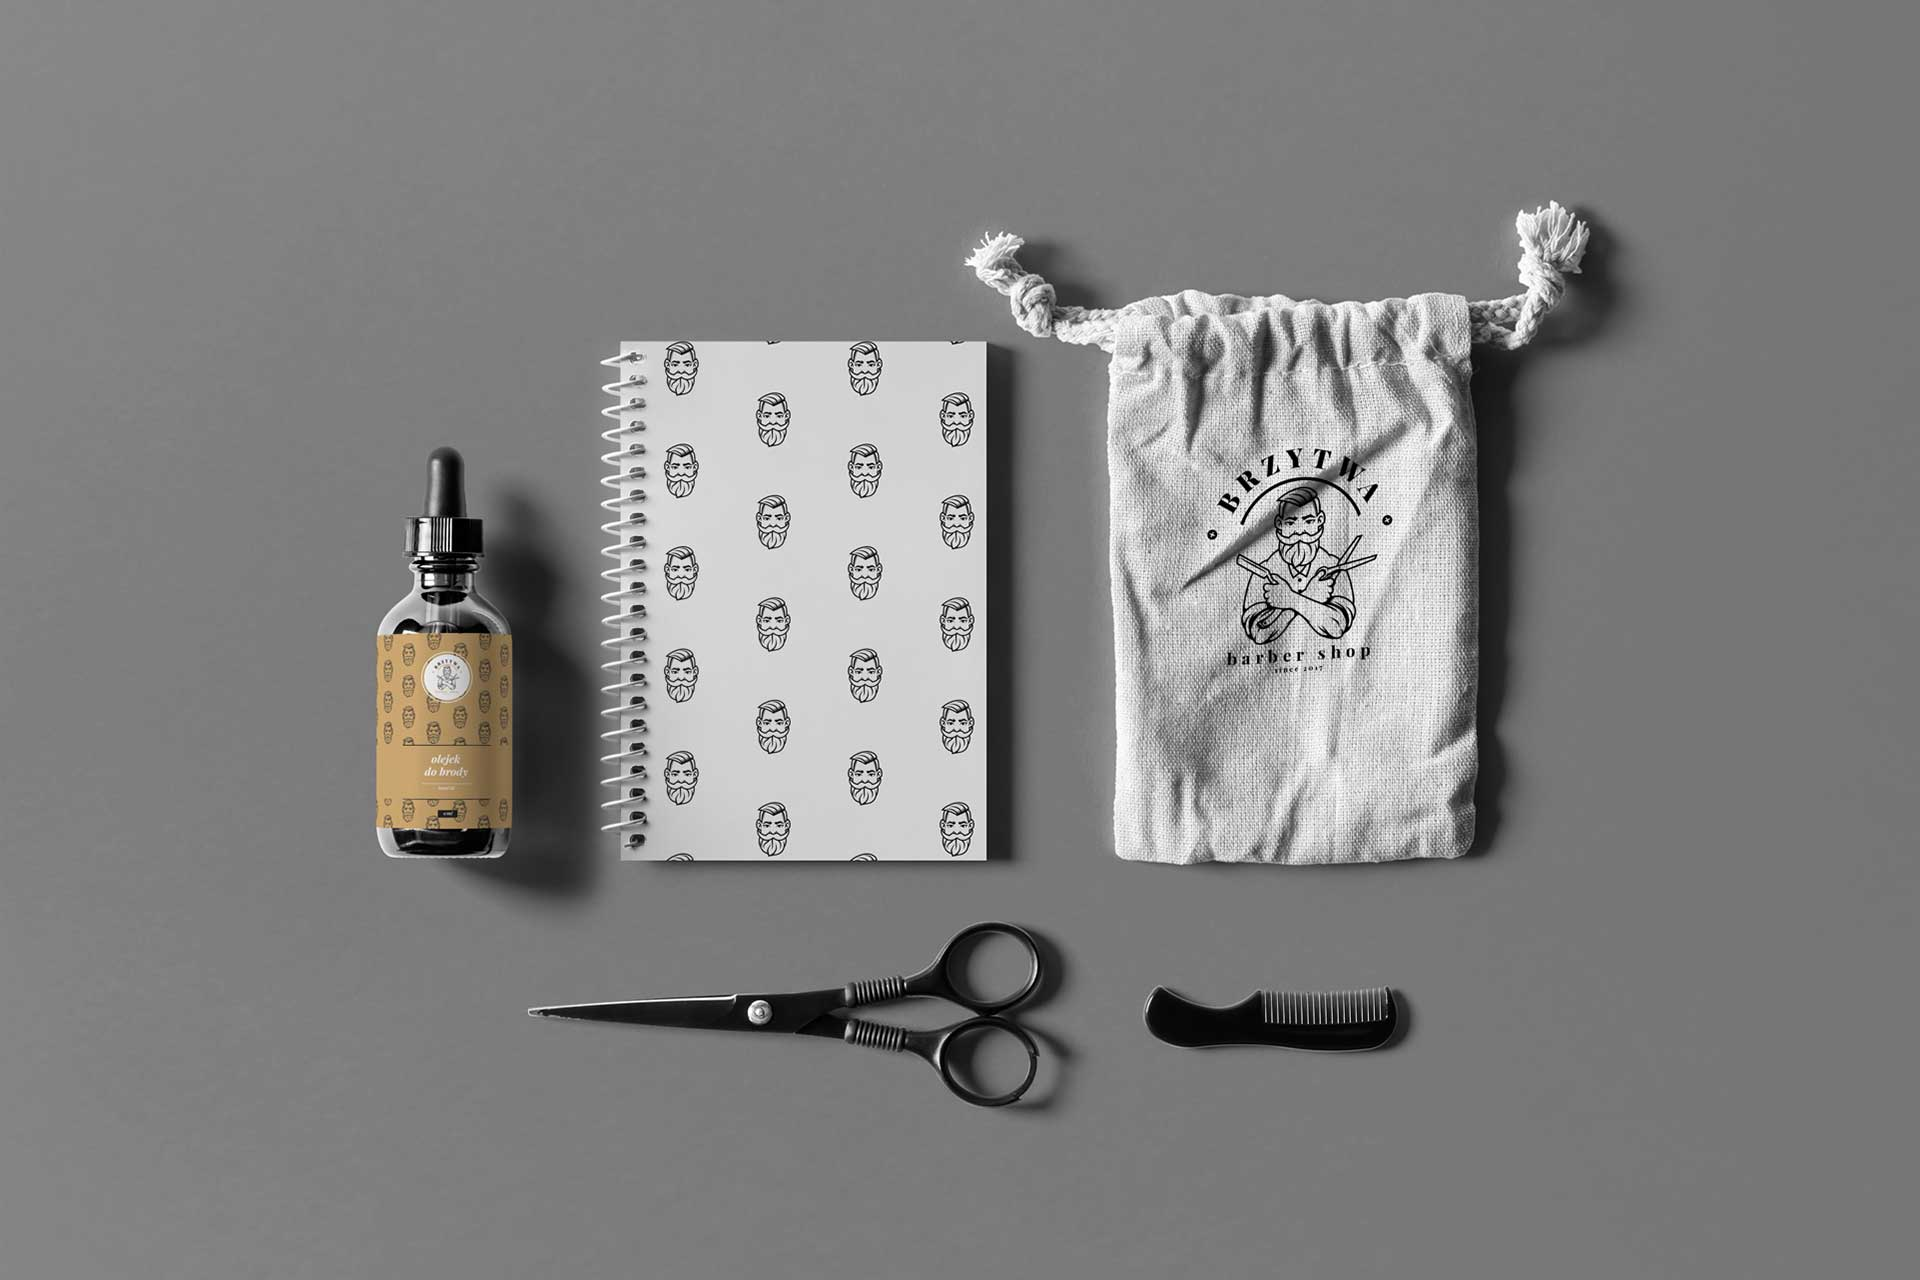 Identyfikacja wizualna w Cobance Studio - case study Brzytwa BarberShop identyfikacja wizualna barber 3